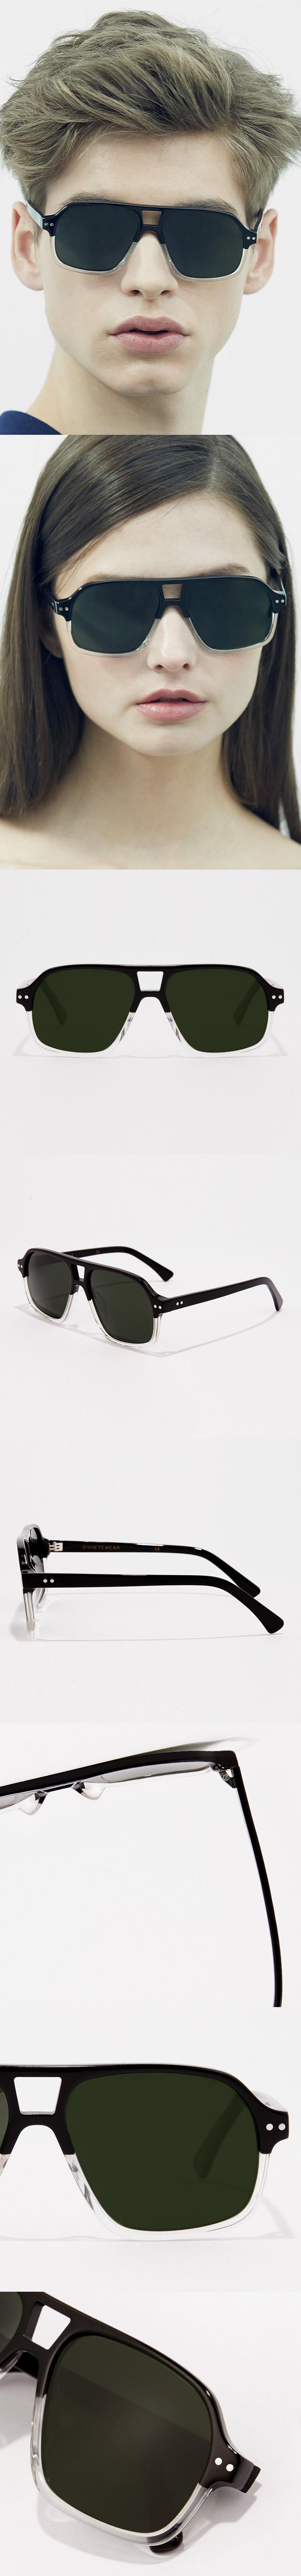 (複製)BVH|太陽眼鏡 2418-RA-01